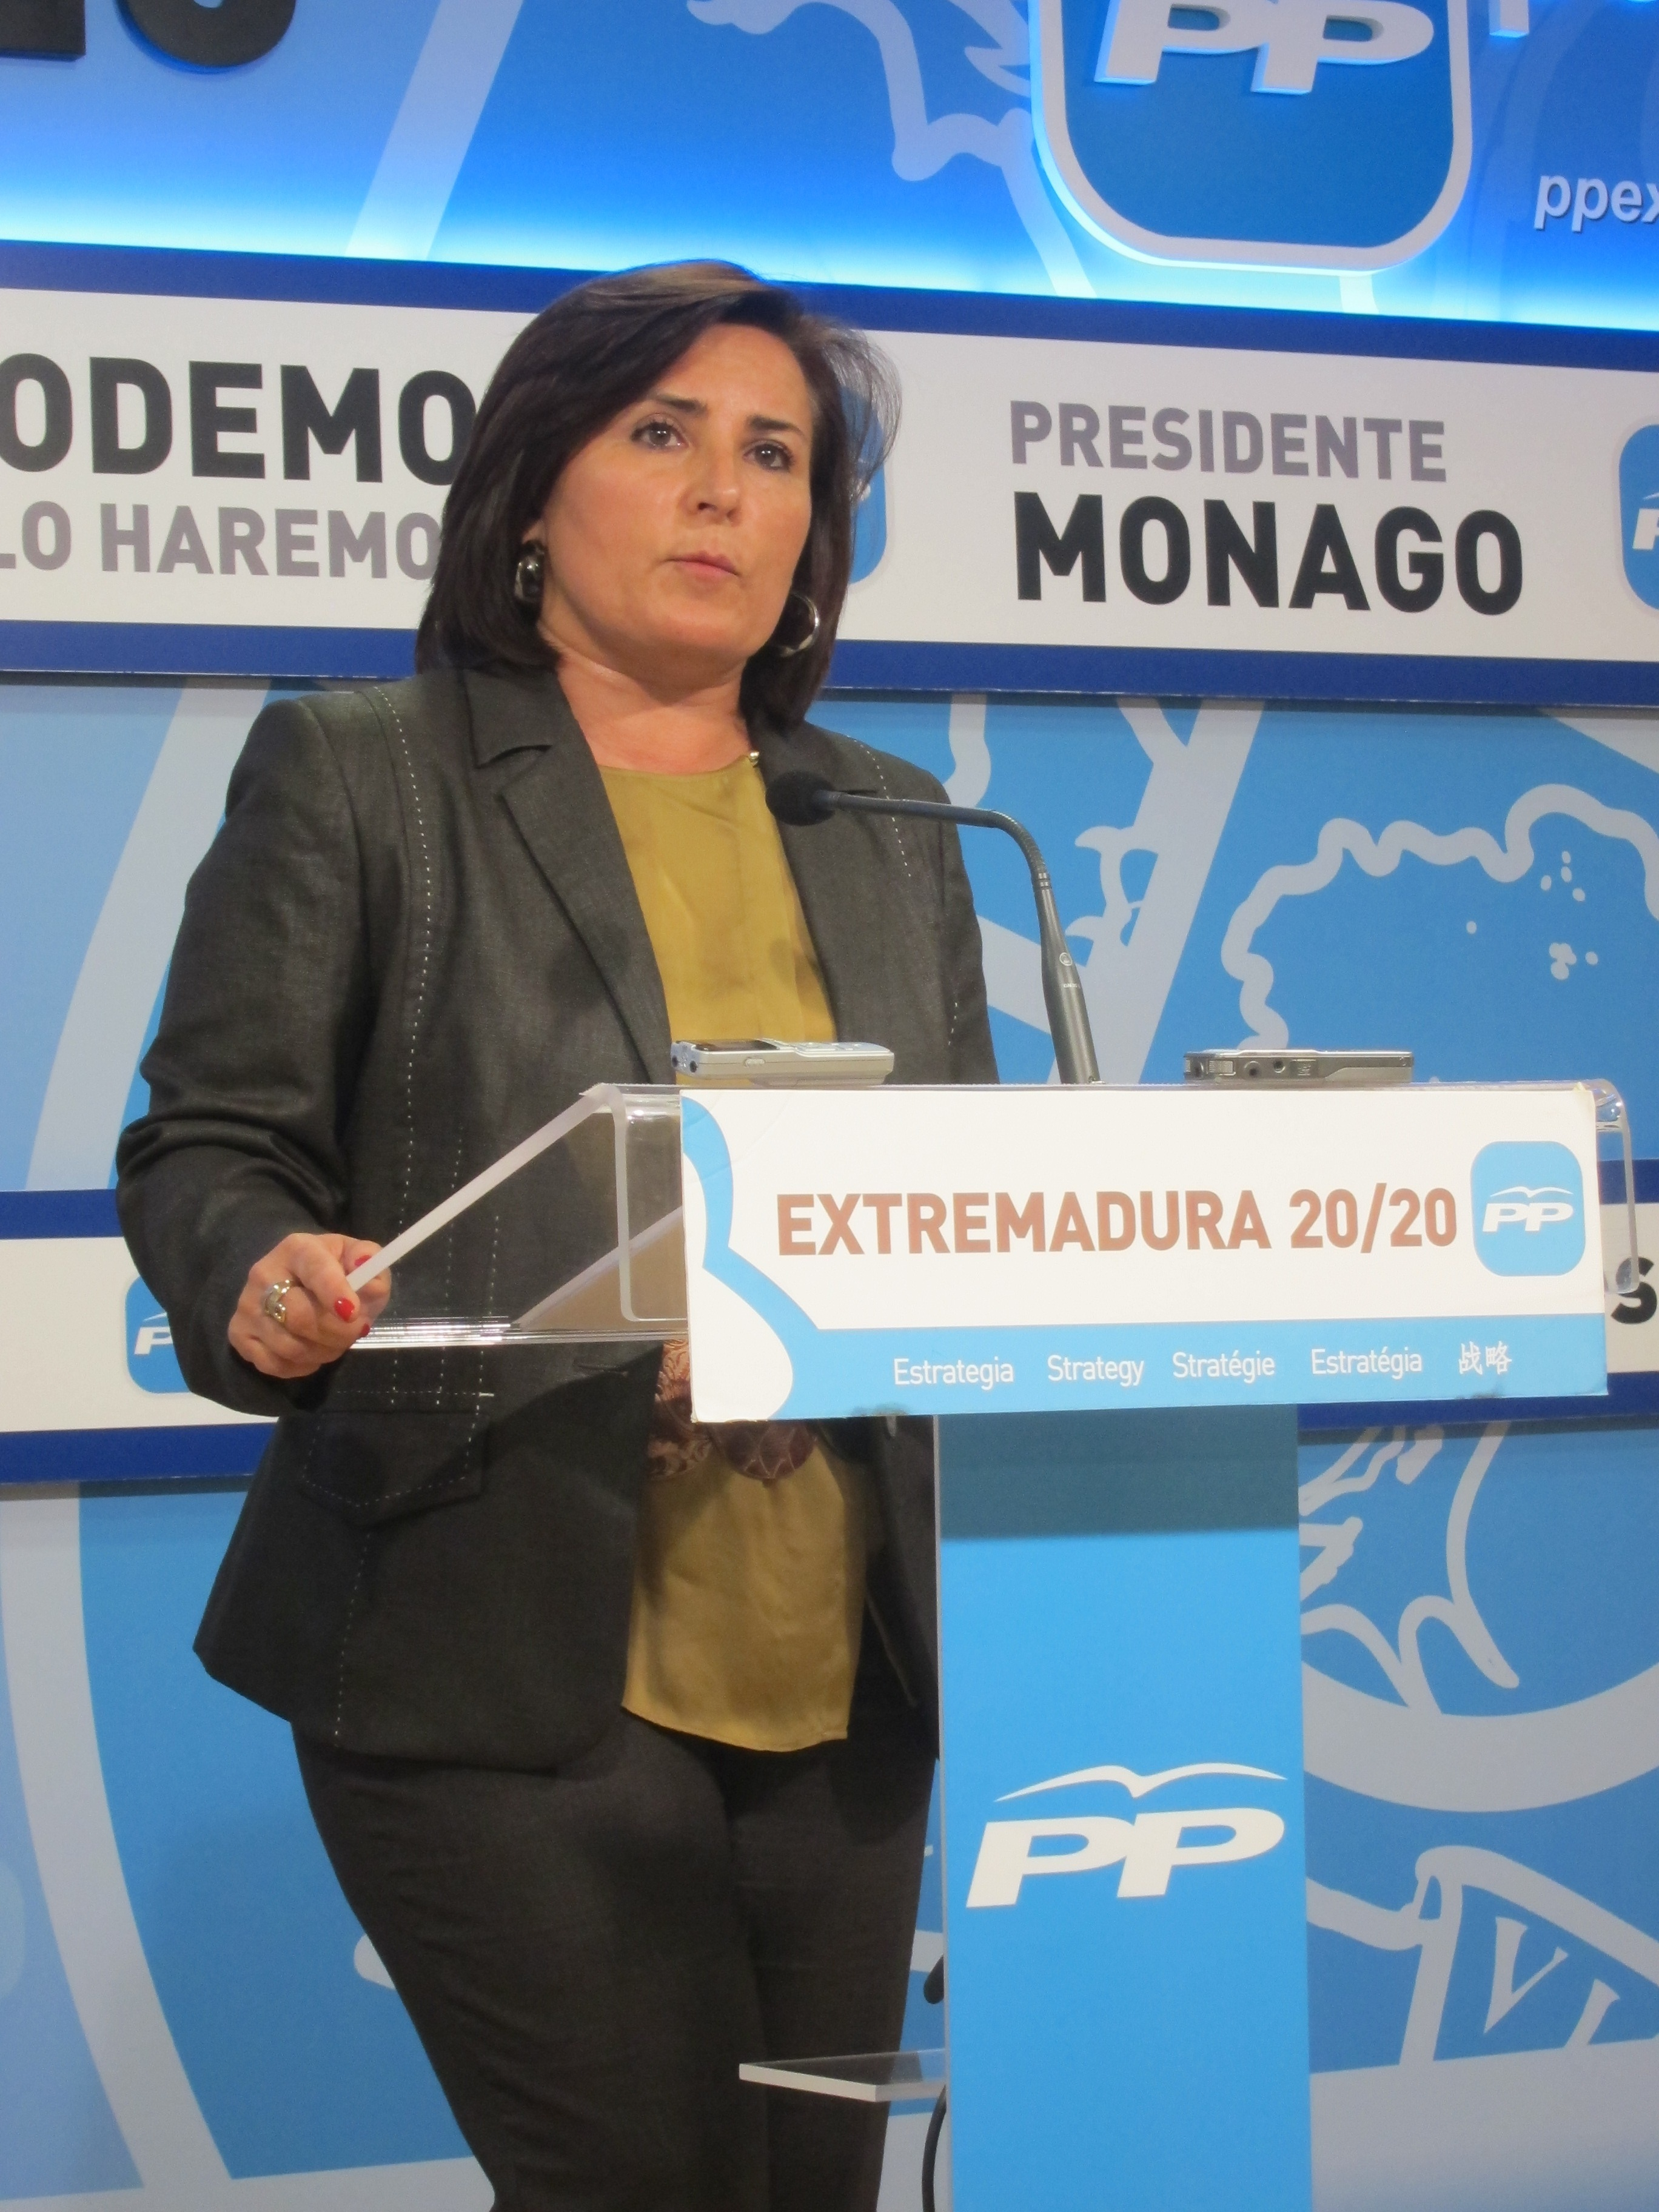 El PP de Extremadura recalca las «intensas reformas» de Rajoy en sus dos primeros años de gobierno